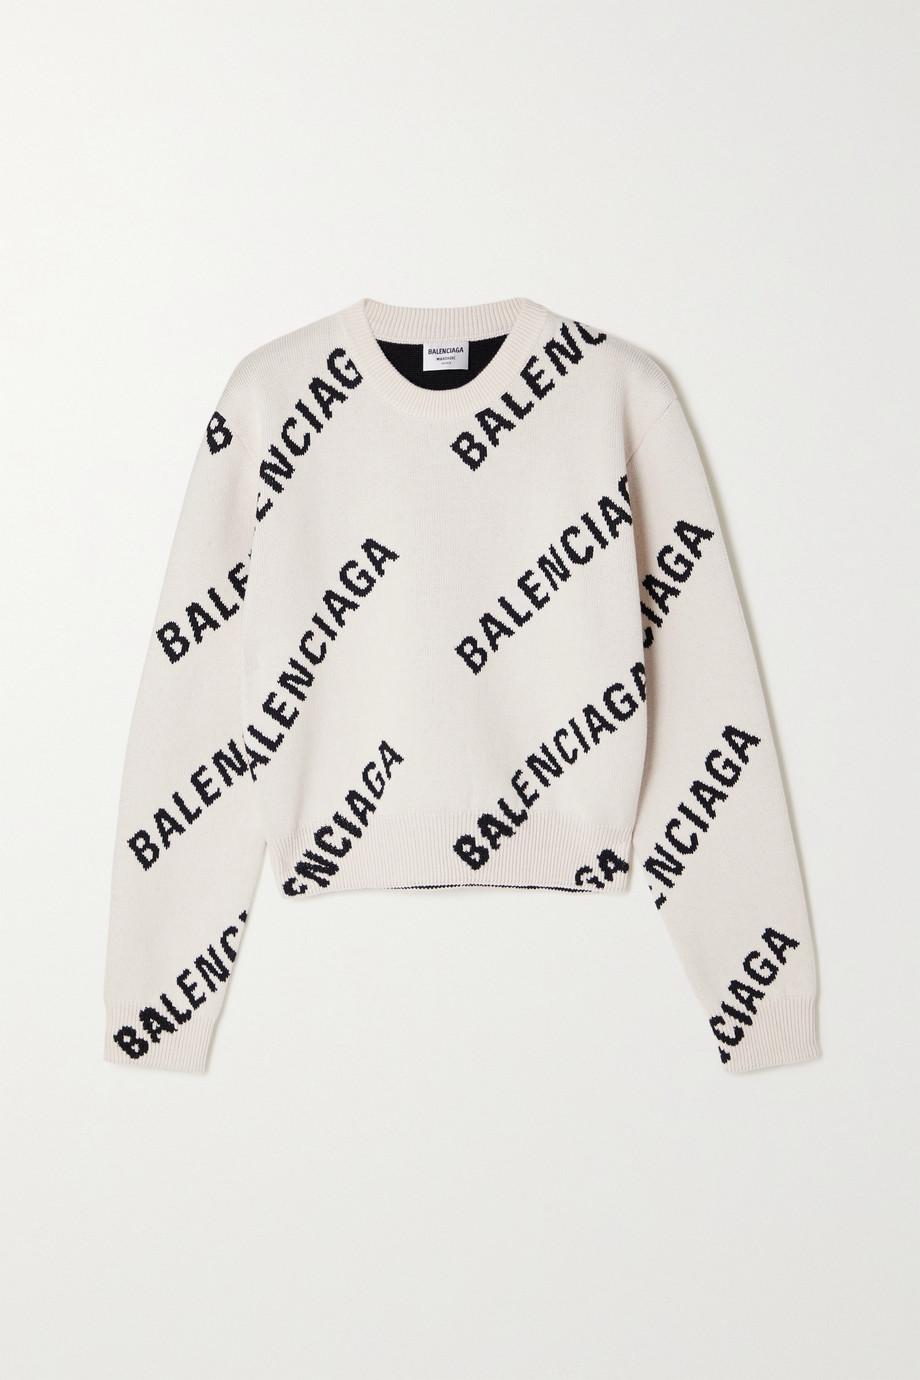 Balenciaga Intarsia cotton-blend sweater